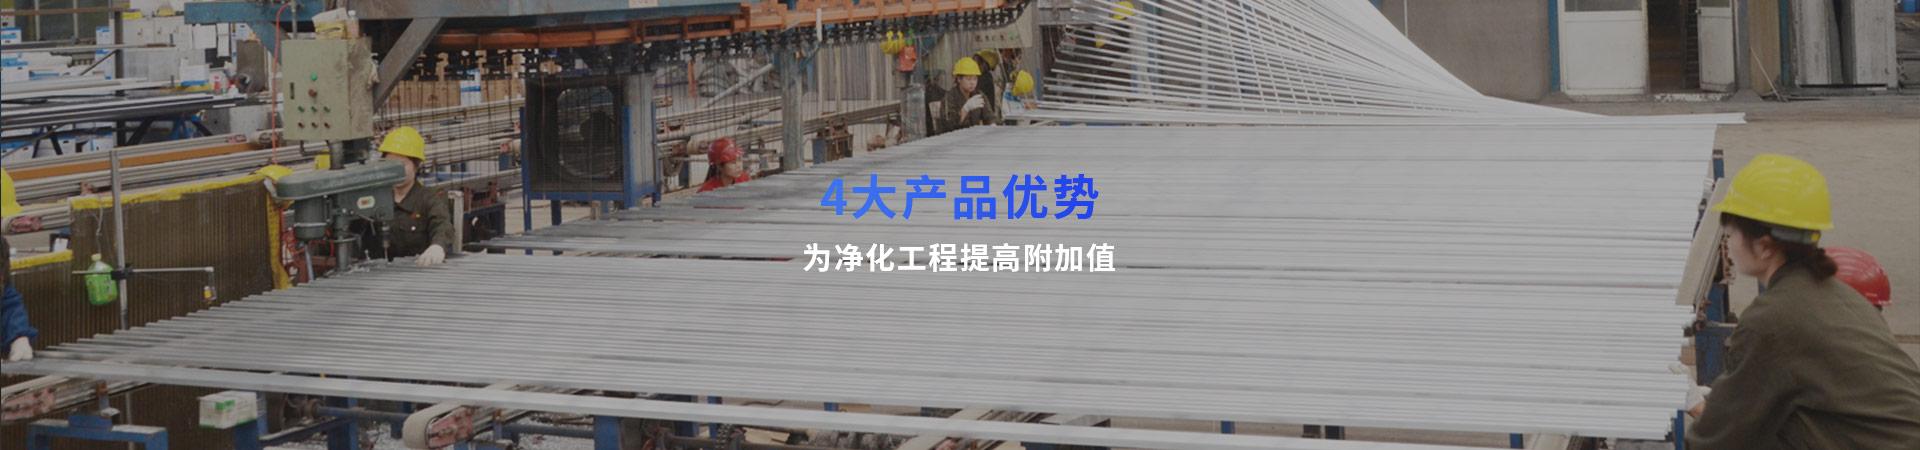 龙大净化-4大产品优势,为净化工程提高附加值